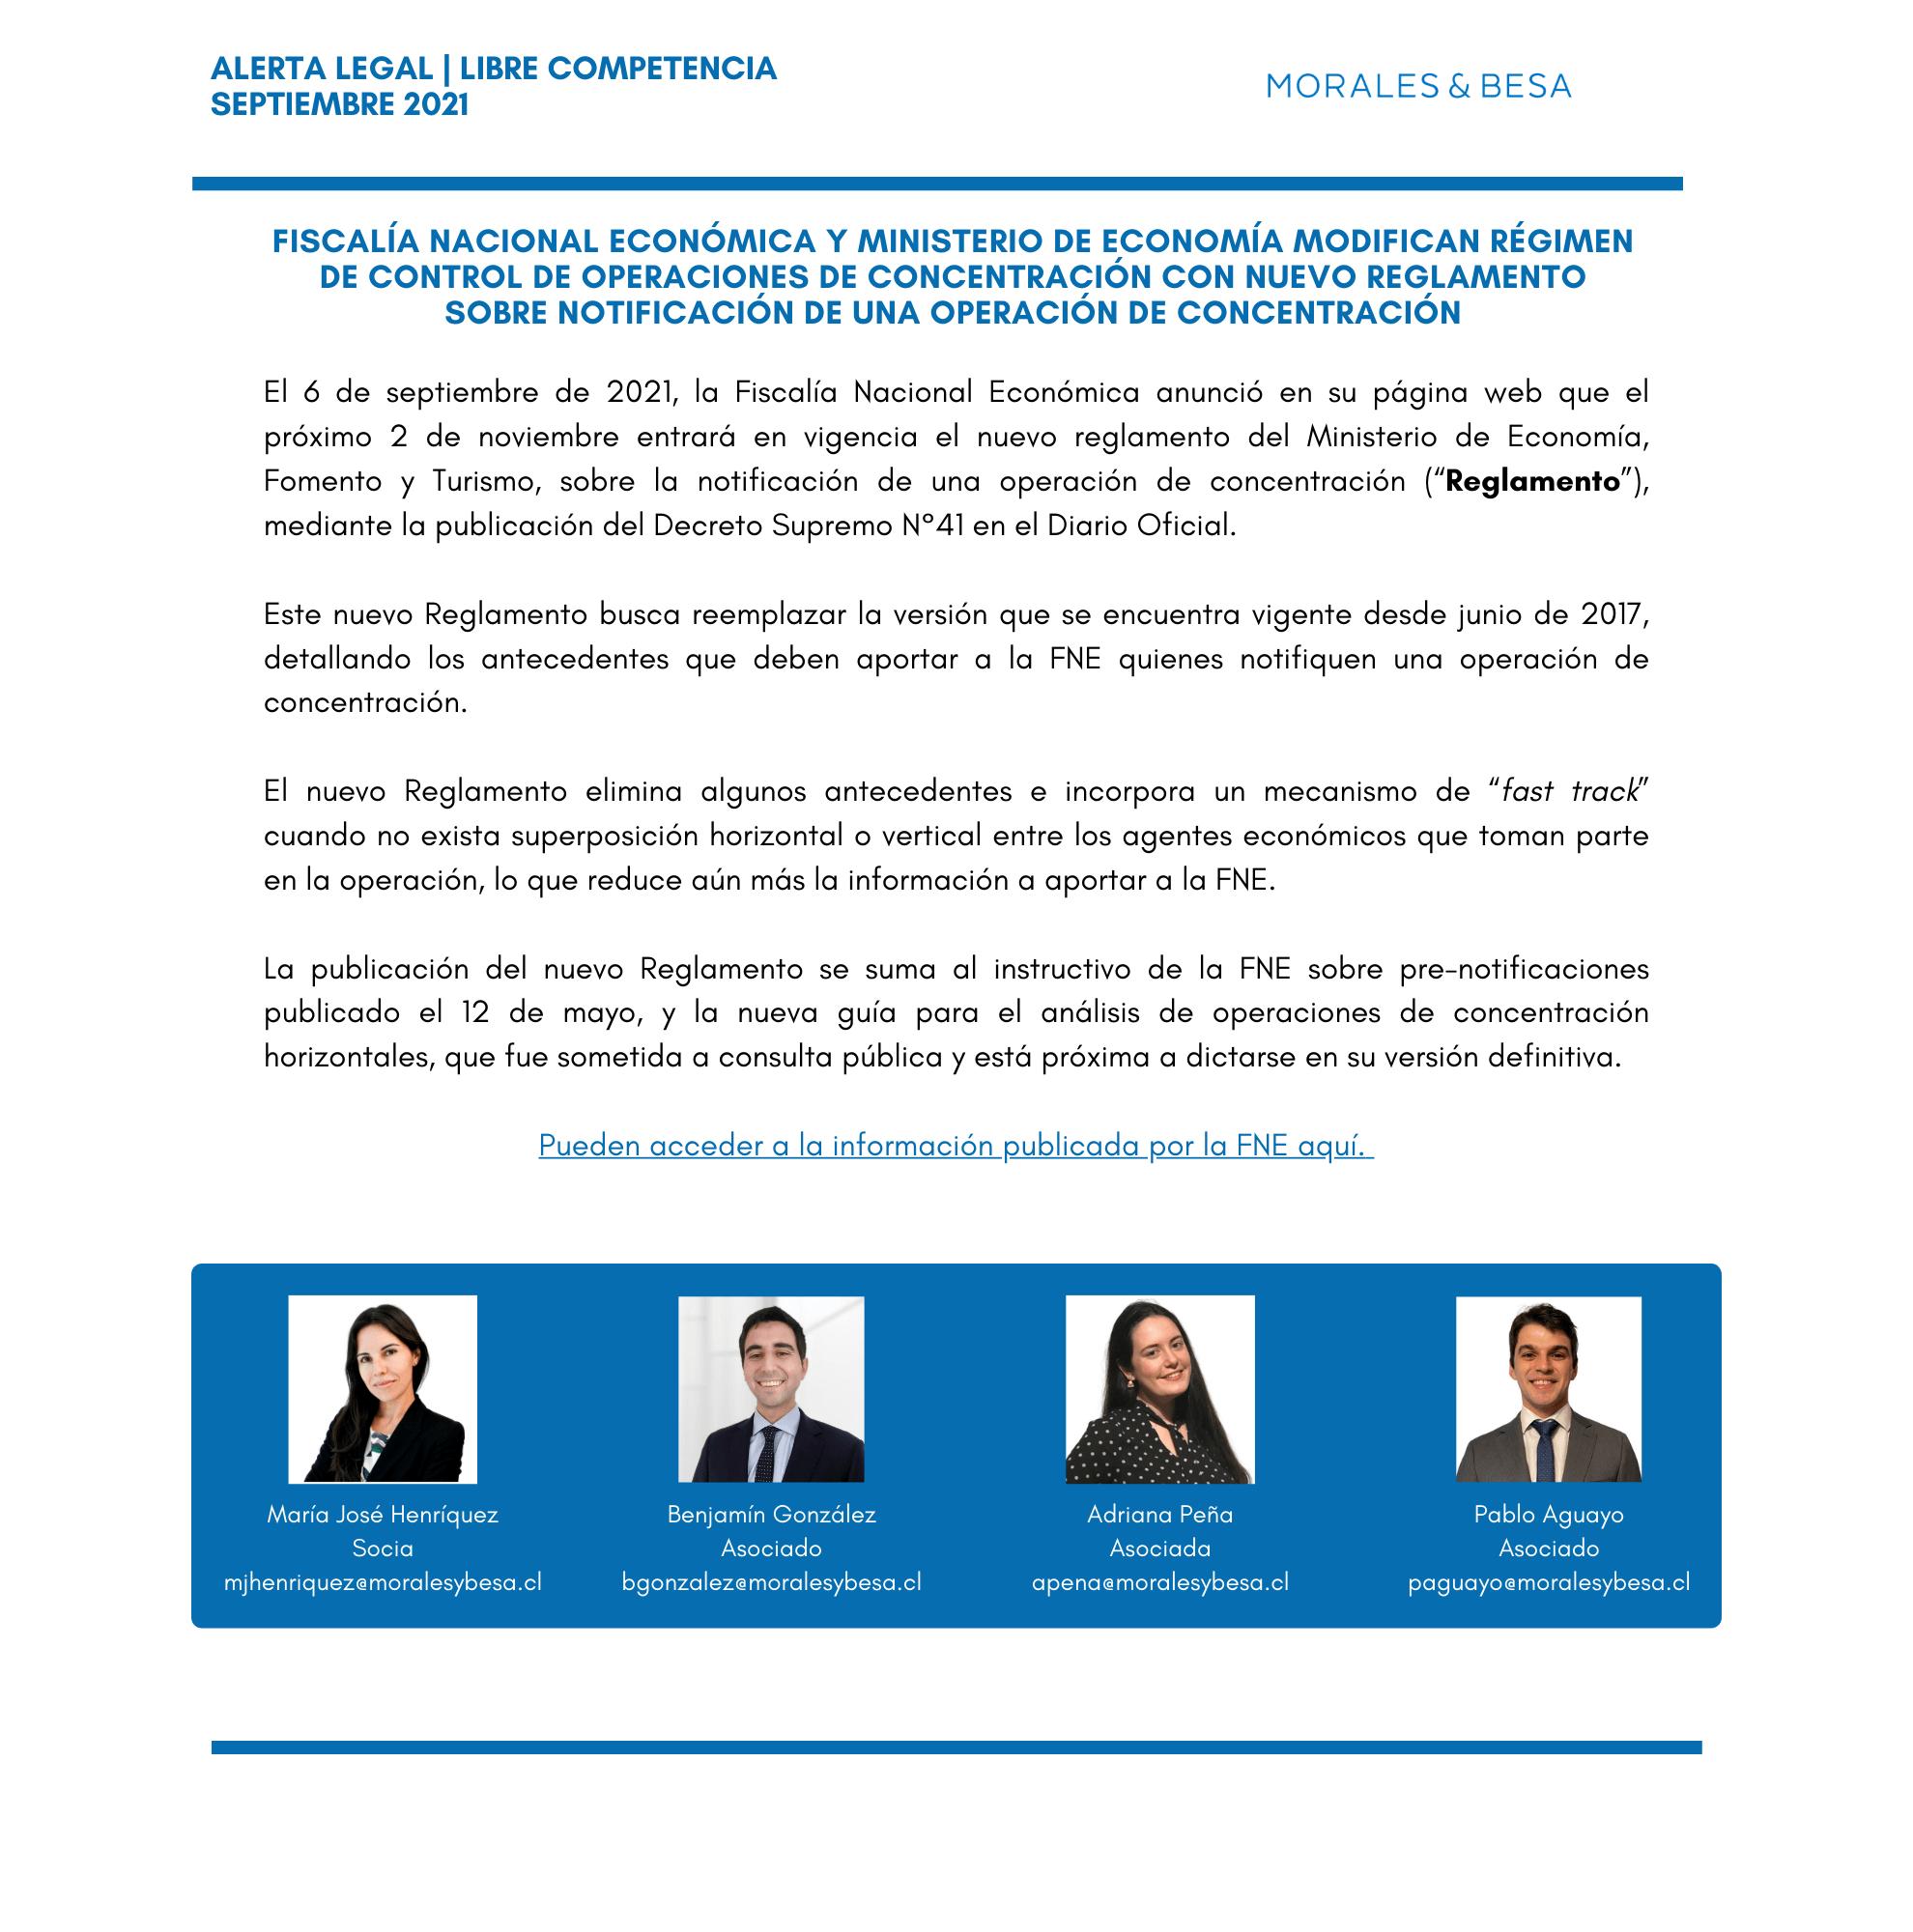 Alerta Legal M&B - Libre Competencia - Septiembre 2021